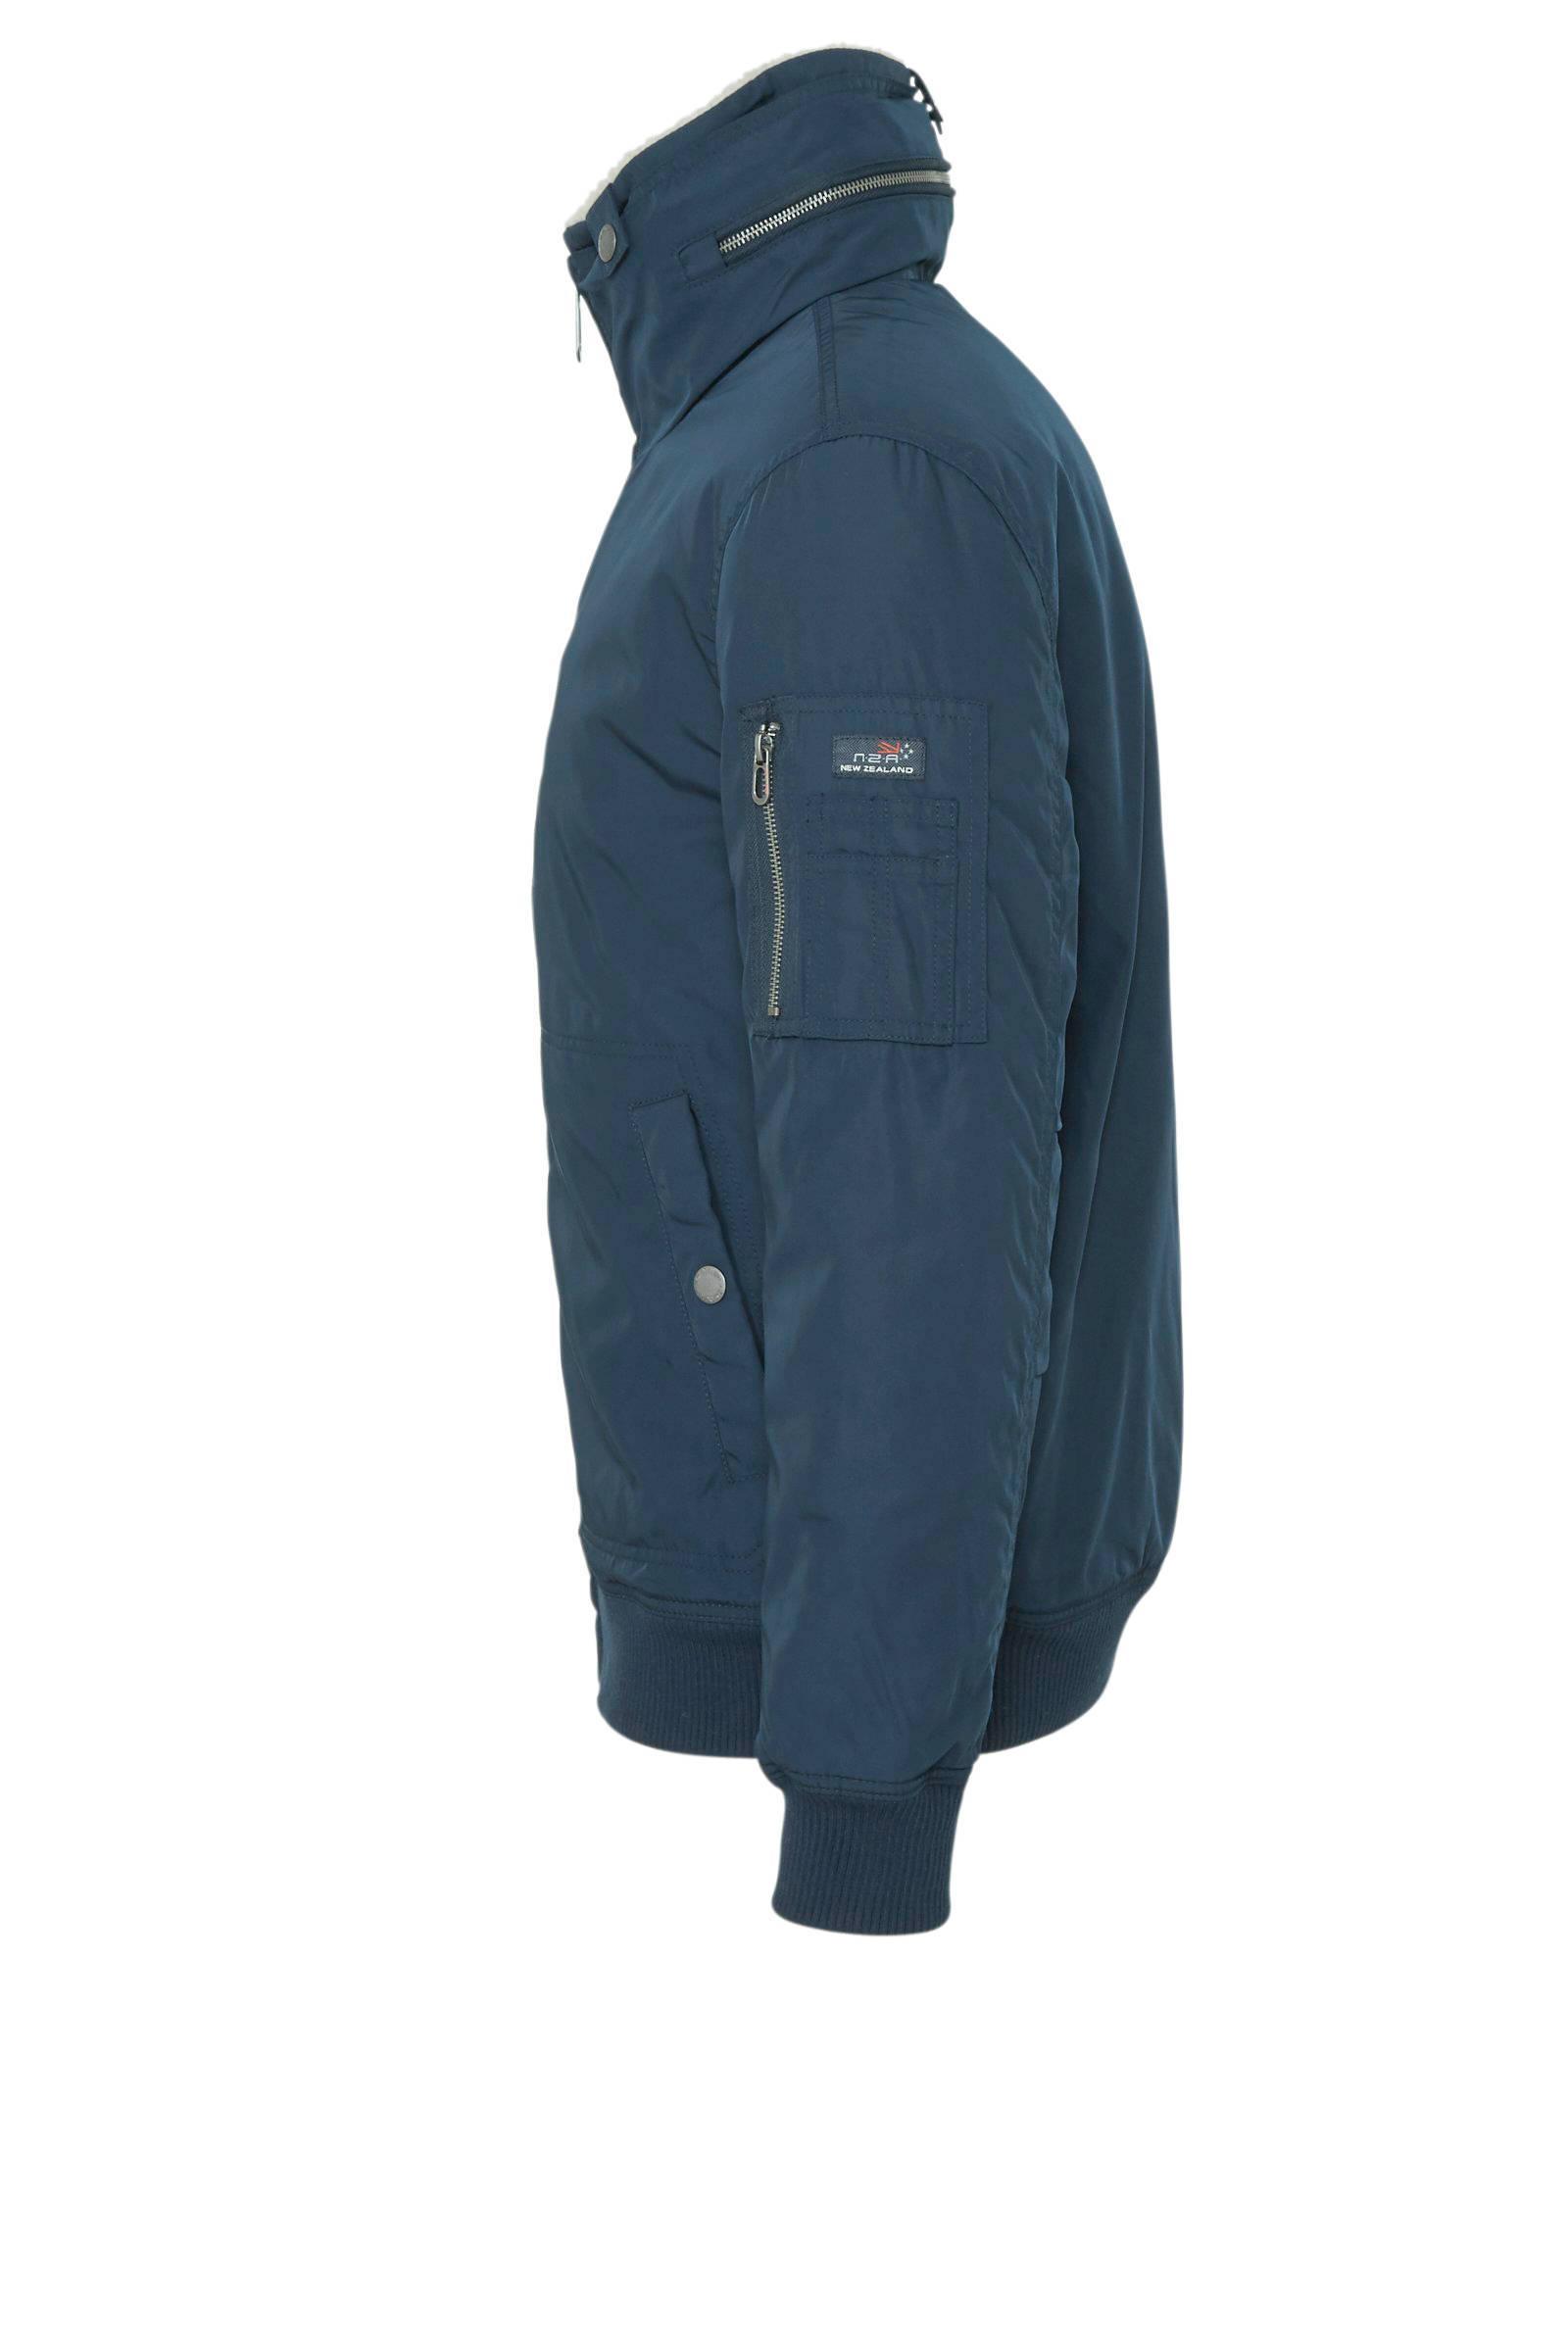 new zealand auckland Synthetisch Jack Marine in het Blauw voor heren